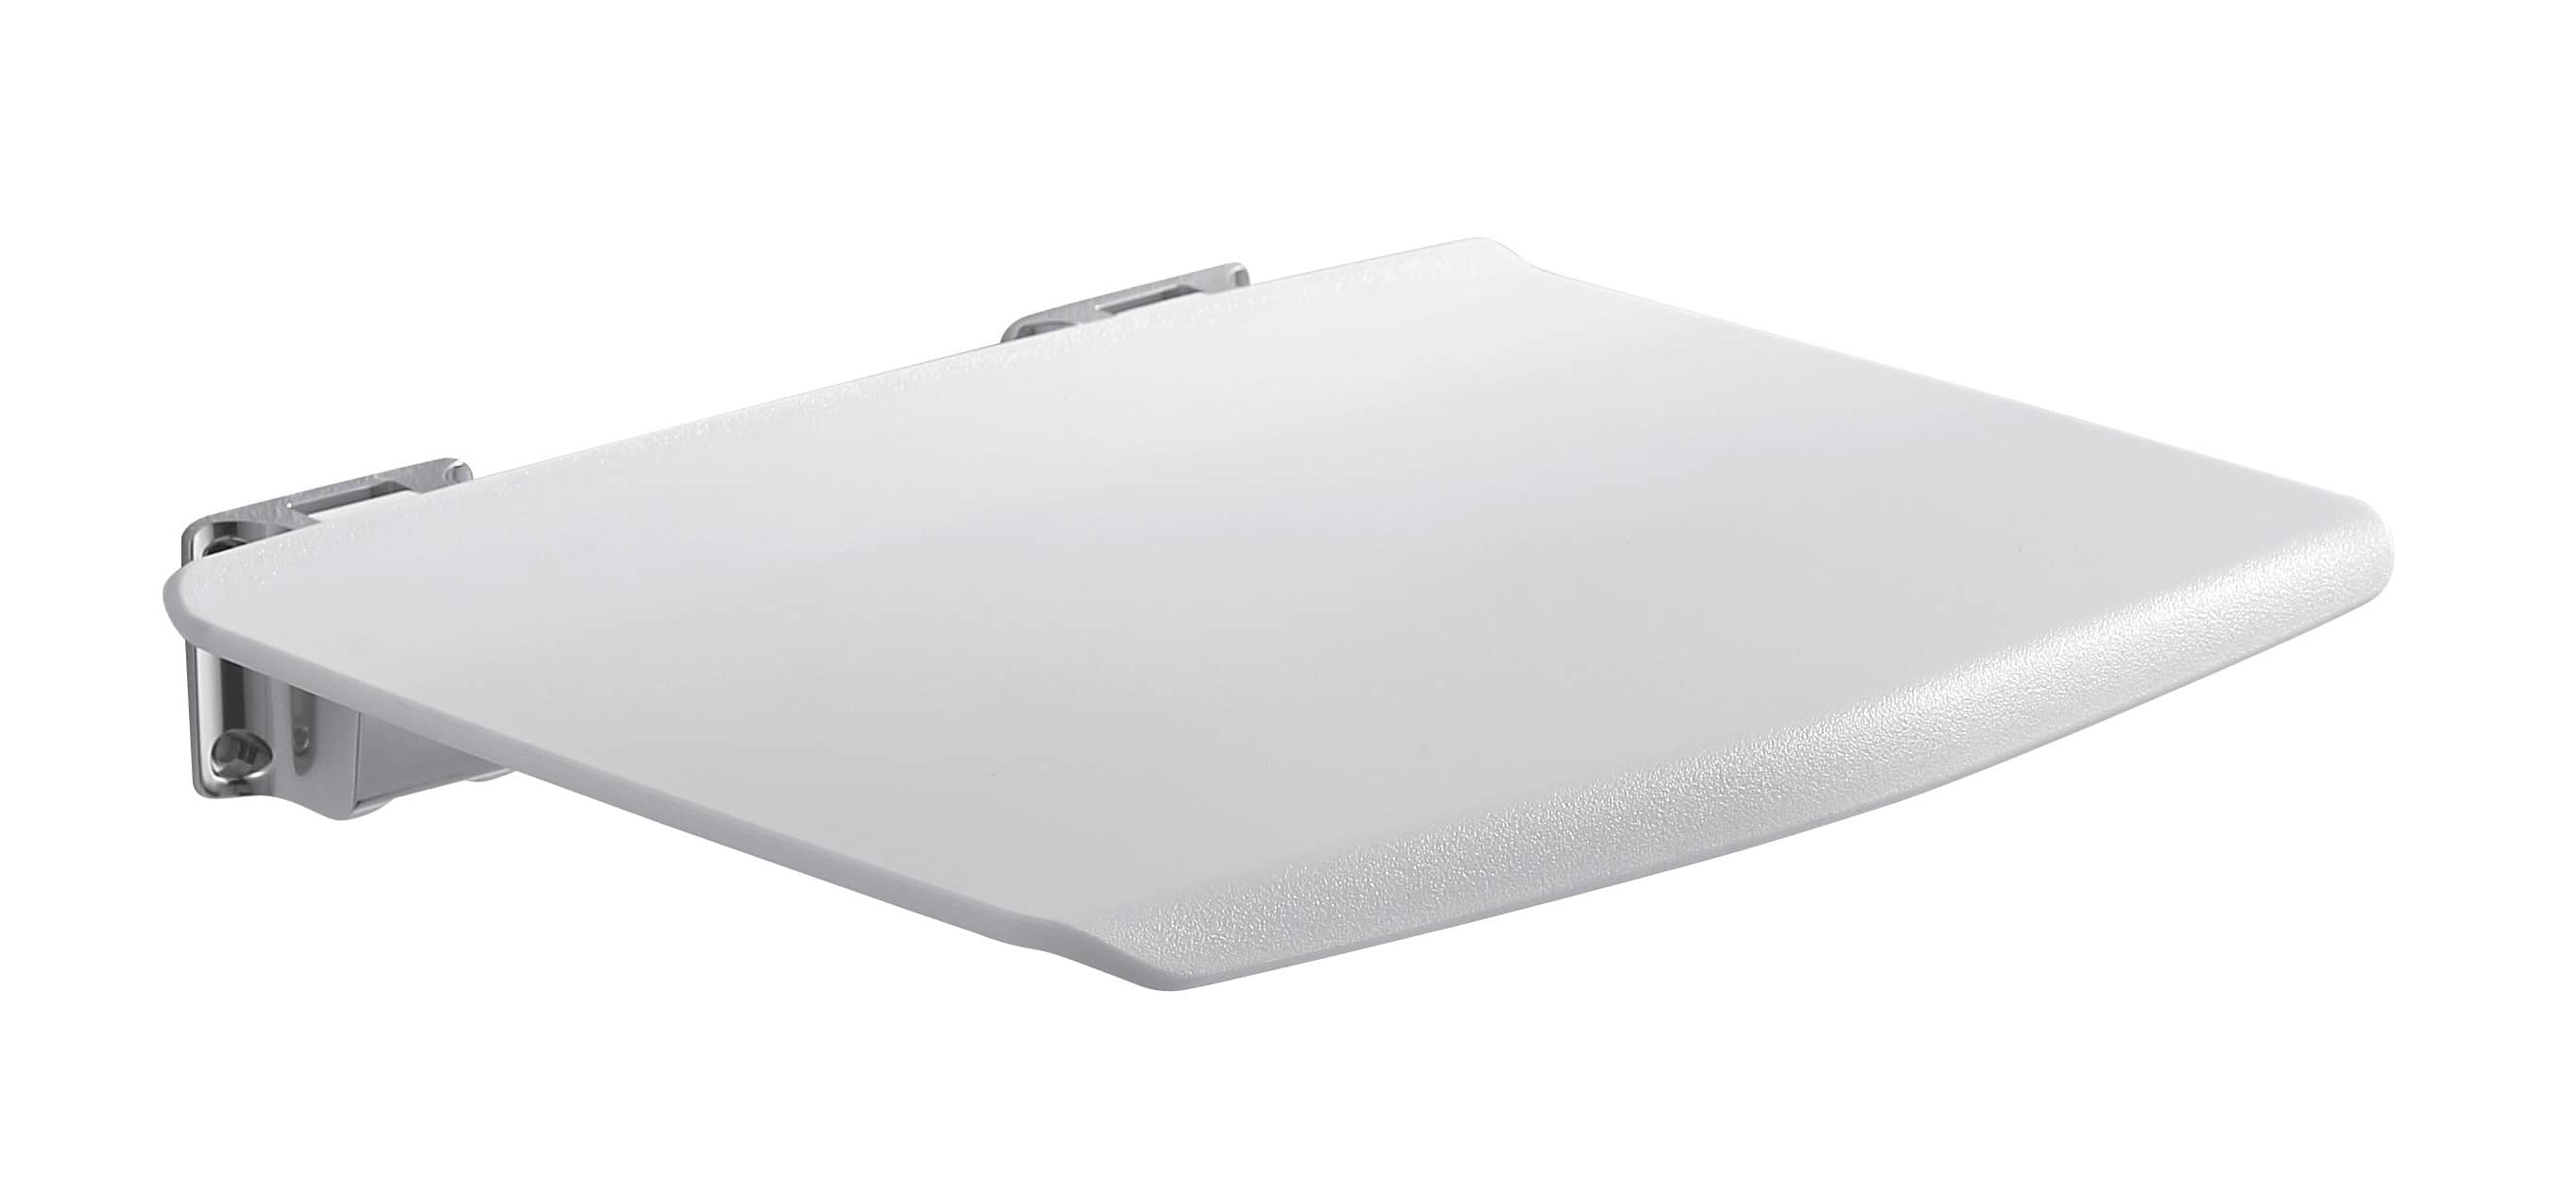 Luzzo® Fisso Opklapbaar Douchezitje Wandmontage - max 150 kg - Wit